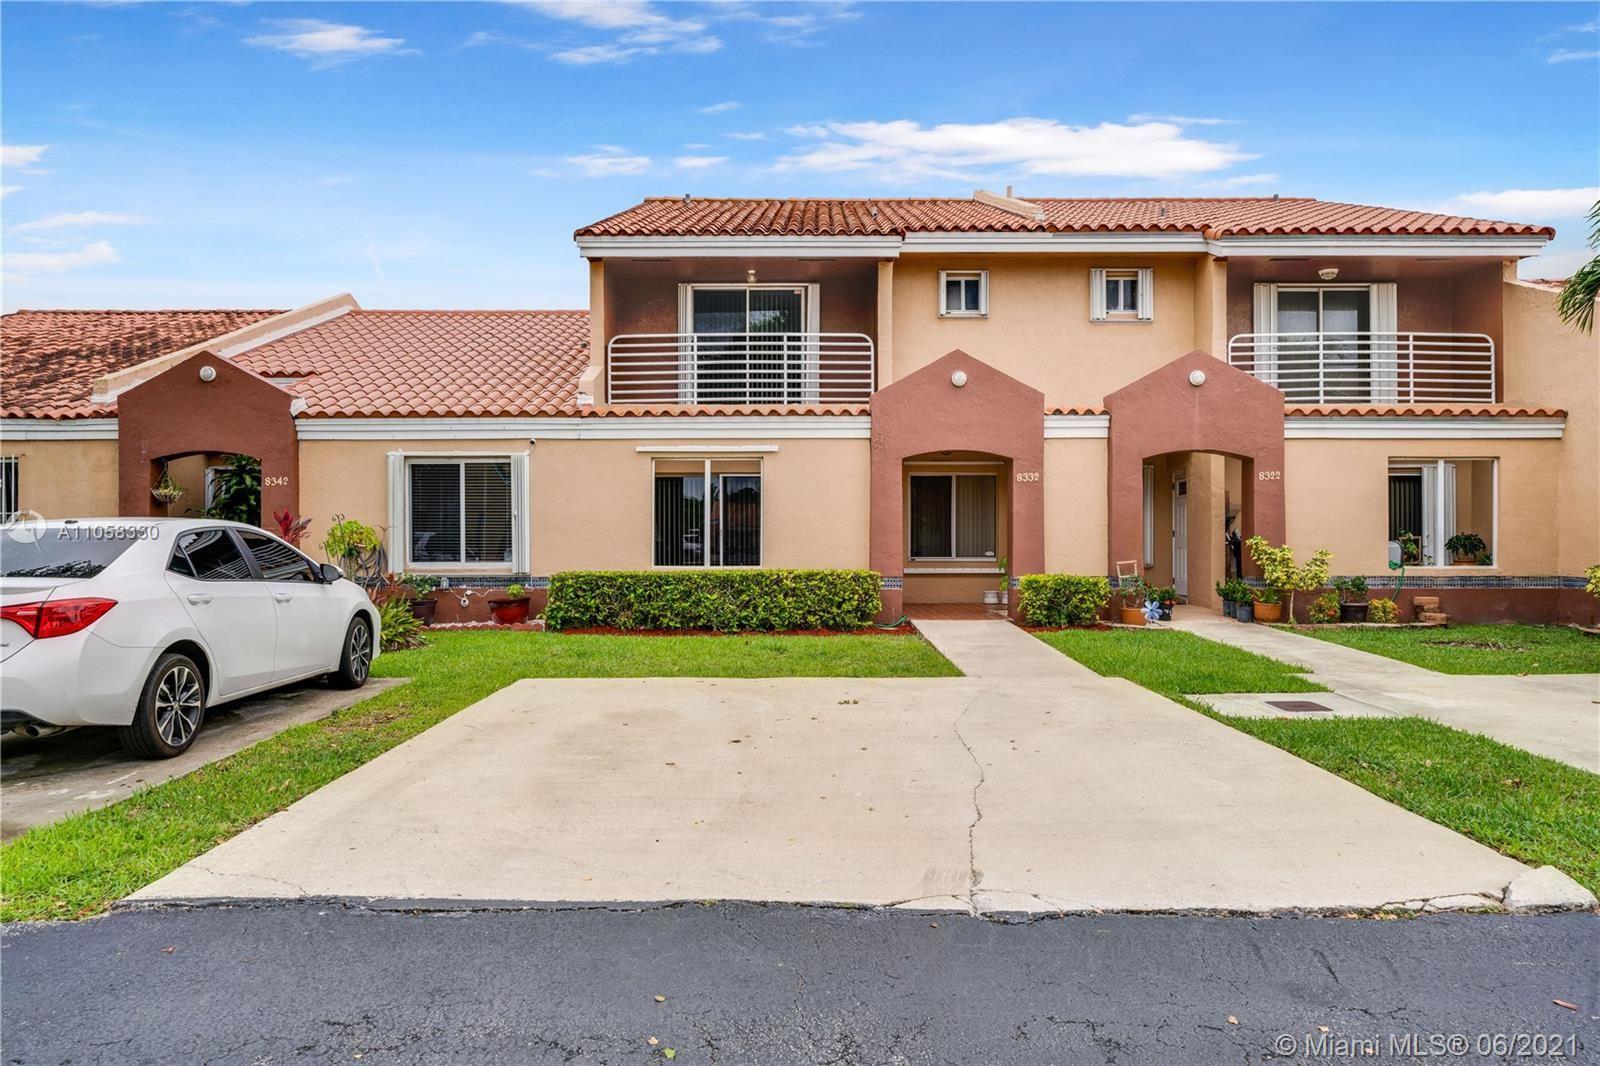 8332 SW 148th Ave, Miami, FL 33193 - #: A11058330